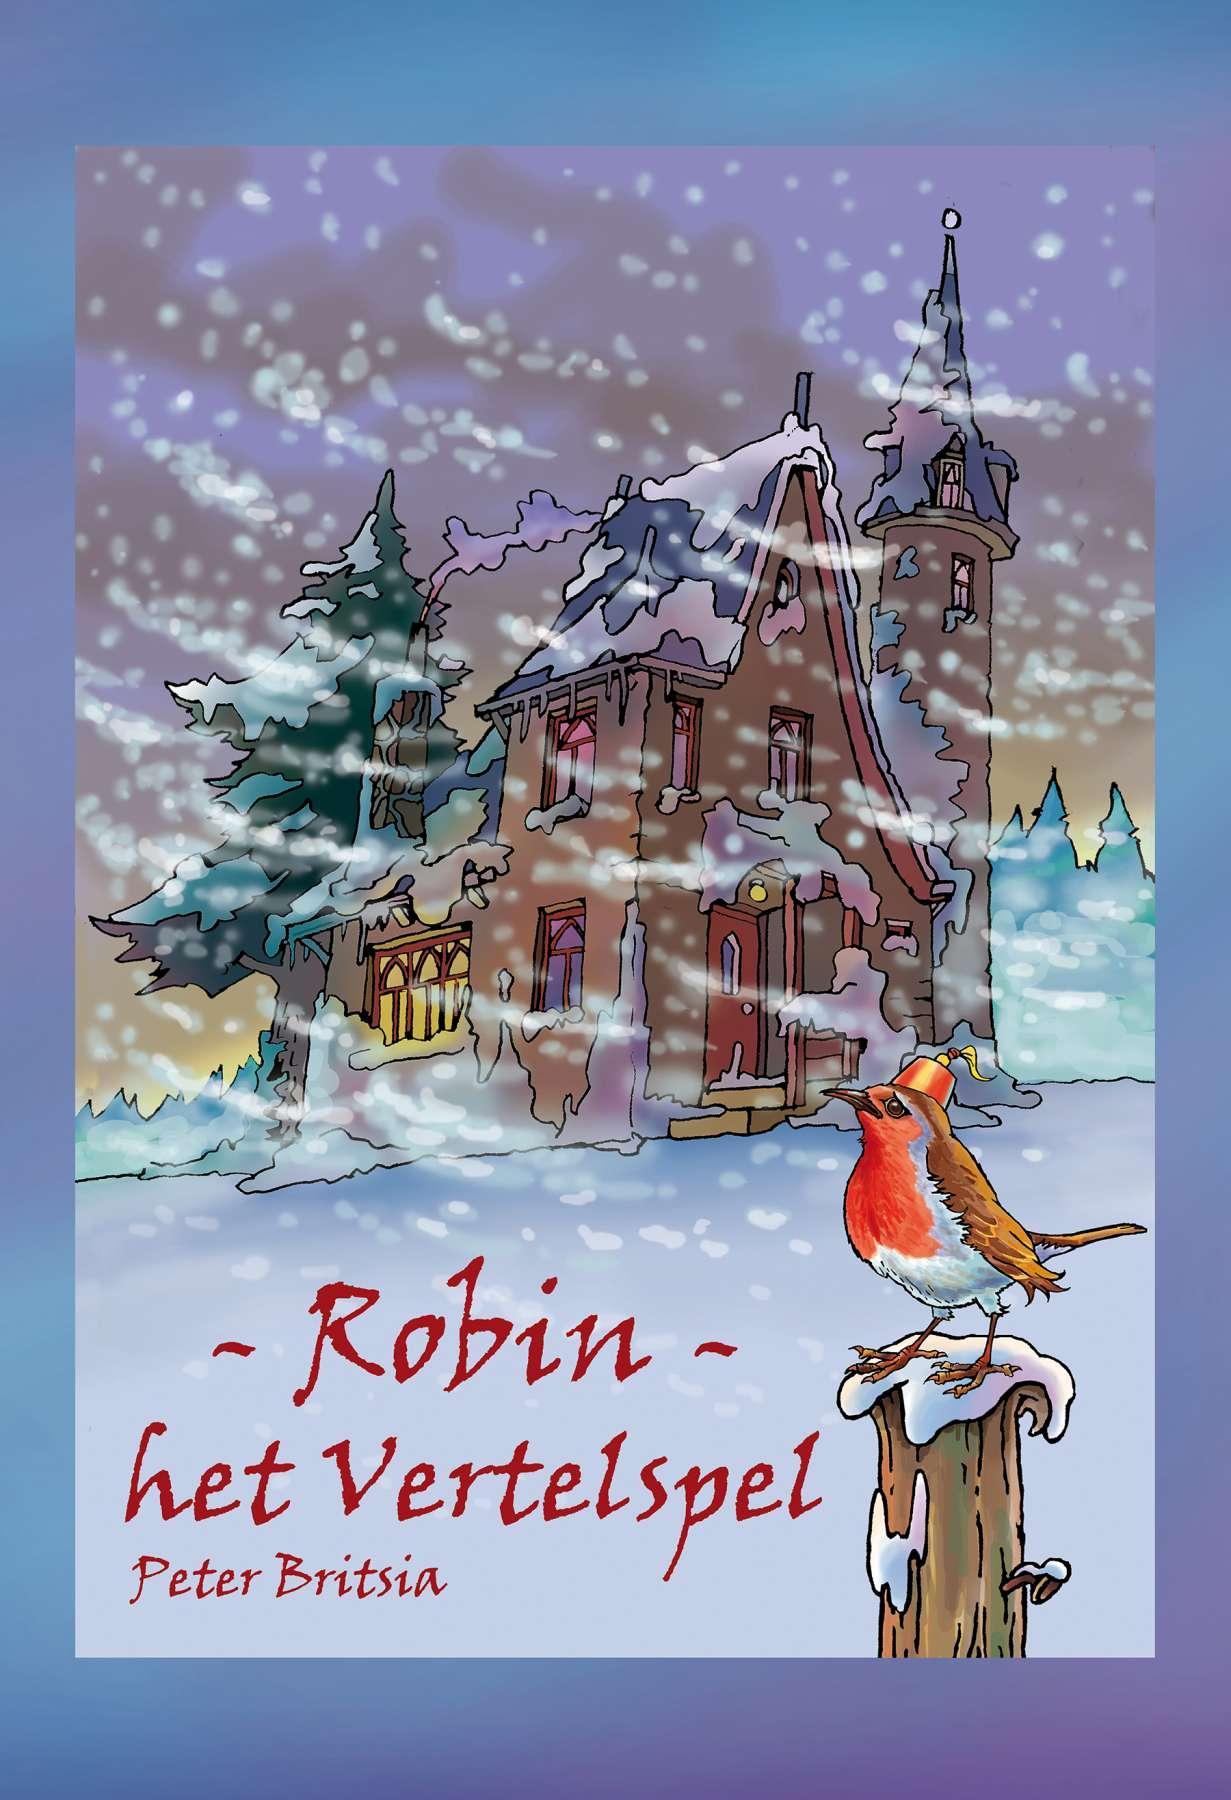 Robin, het Vertelspel - Uitgeverij Maanvis <br>Bordspel met 150 kaarten om met een klein gezelschap een verhaal te laten ontstaan. <br>Idee en illustraties Peter Britsia.